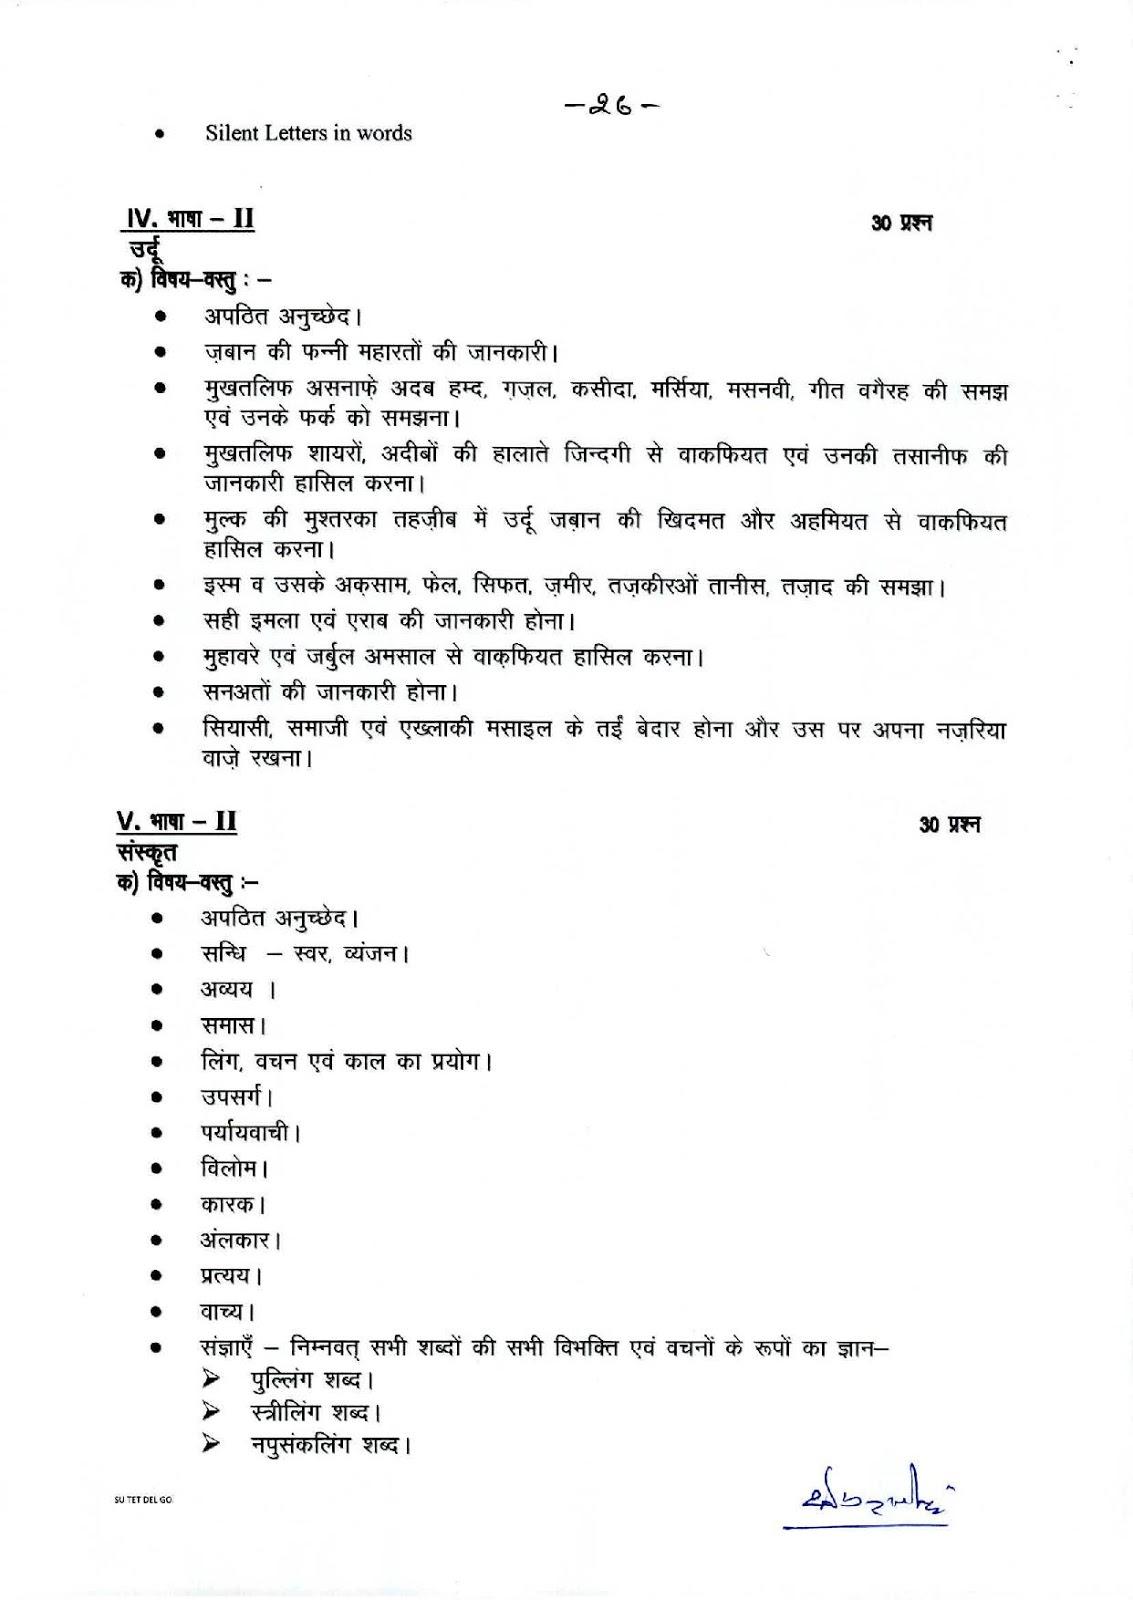 उच्च प्राथमिक पेपर-II (कक्षा 6 से 8 तक) पाठ्यक्रम देखे - 3